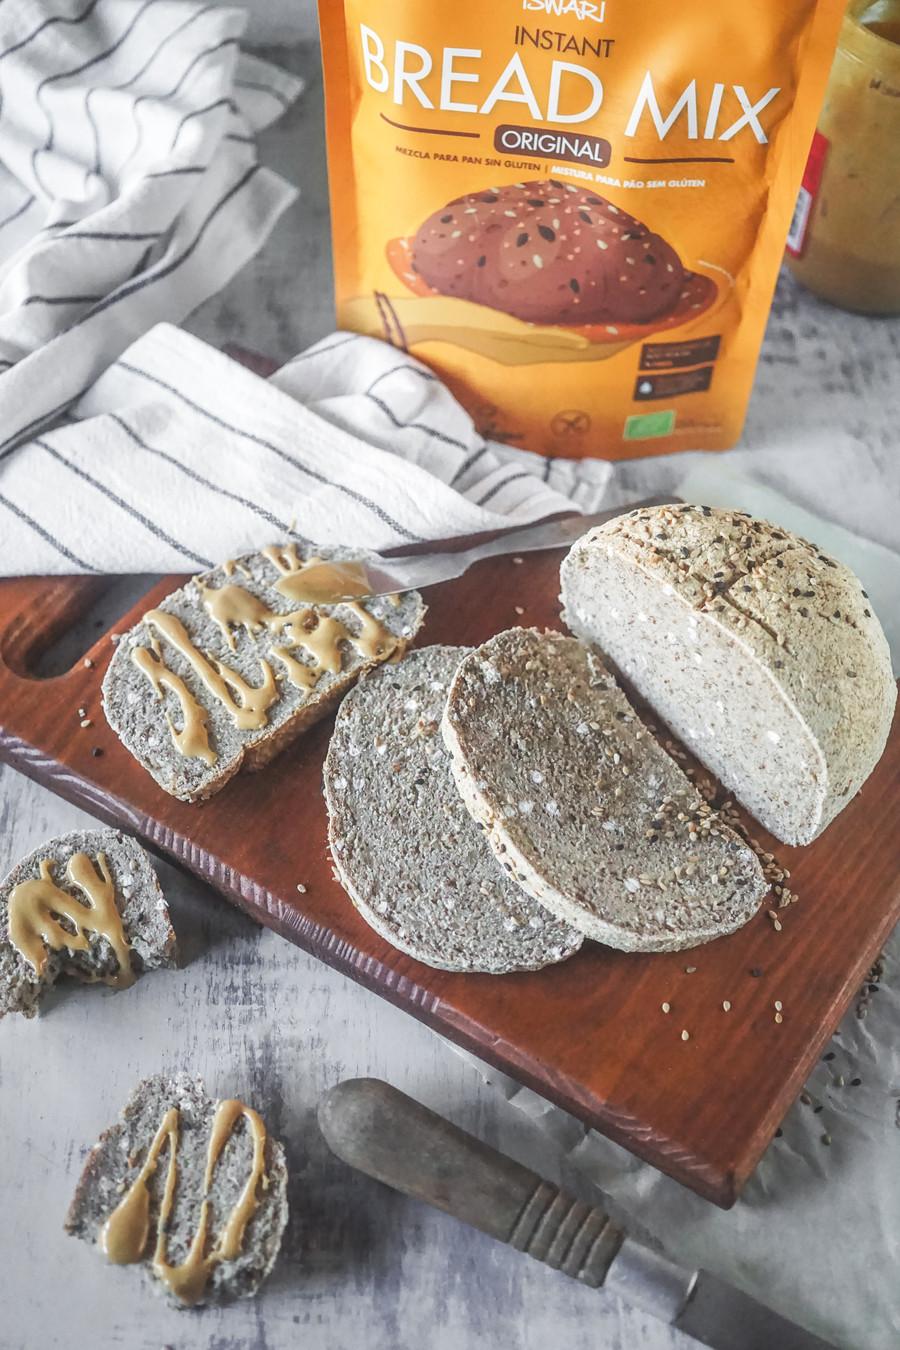 Bread Mix Original